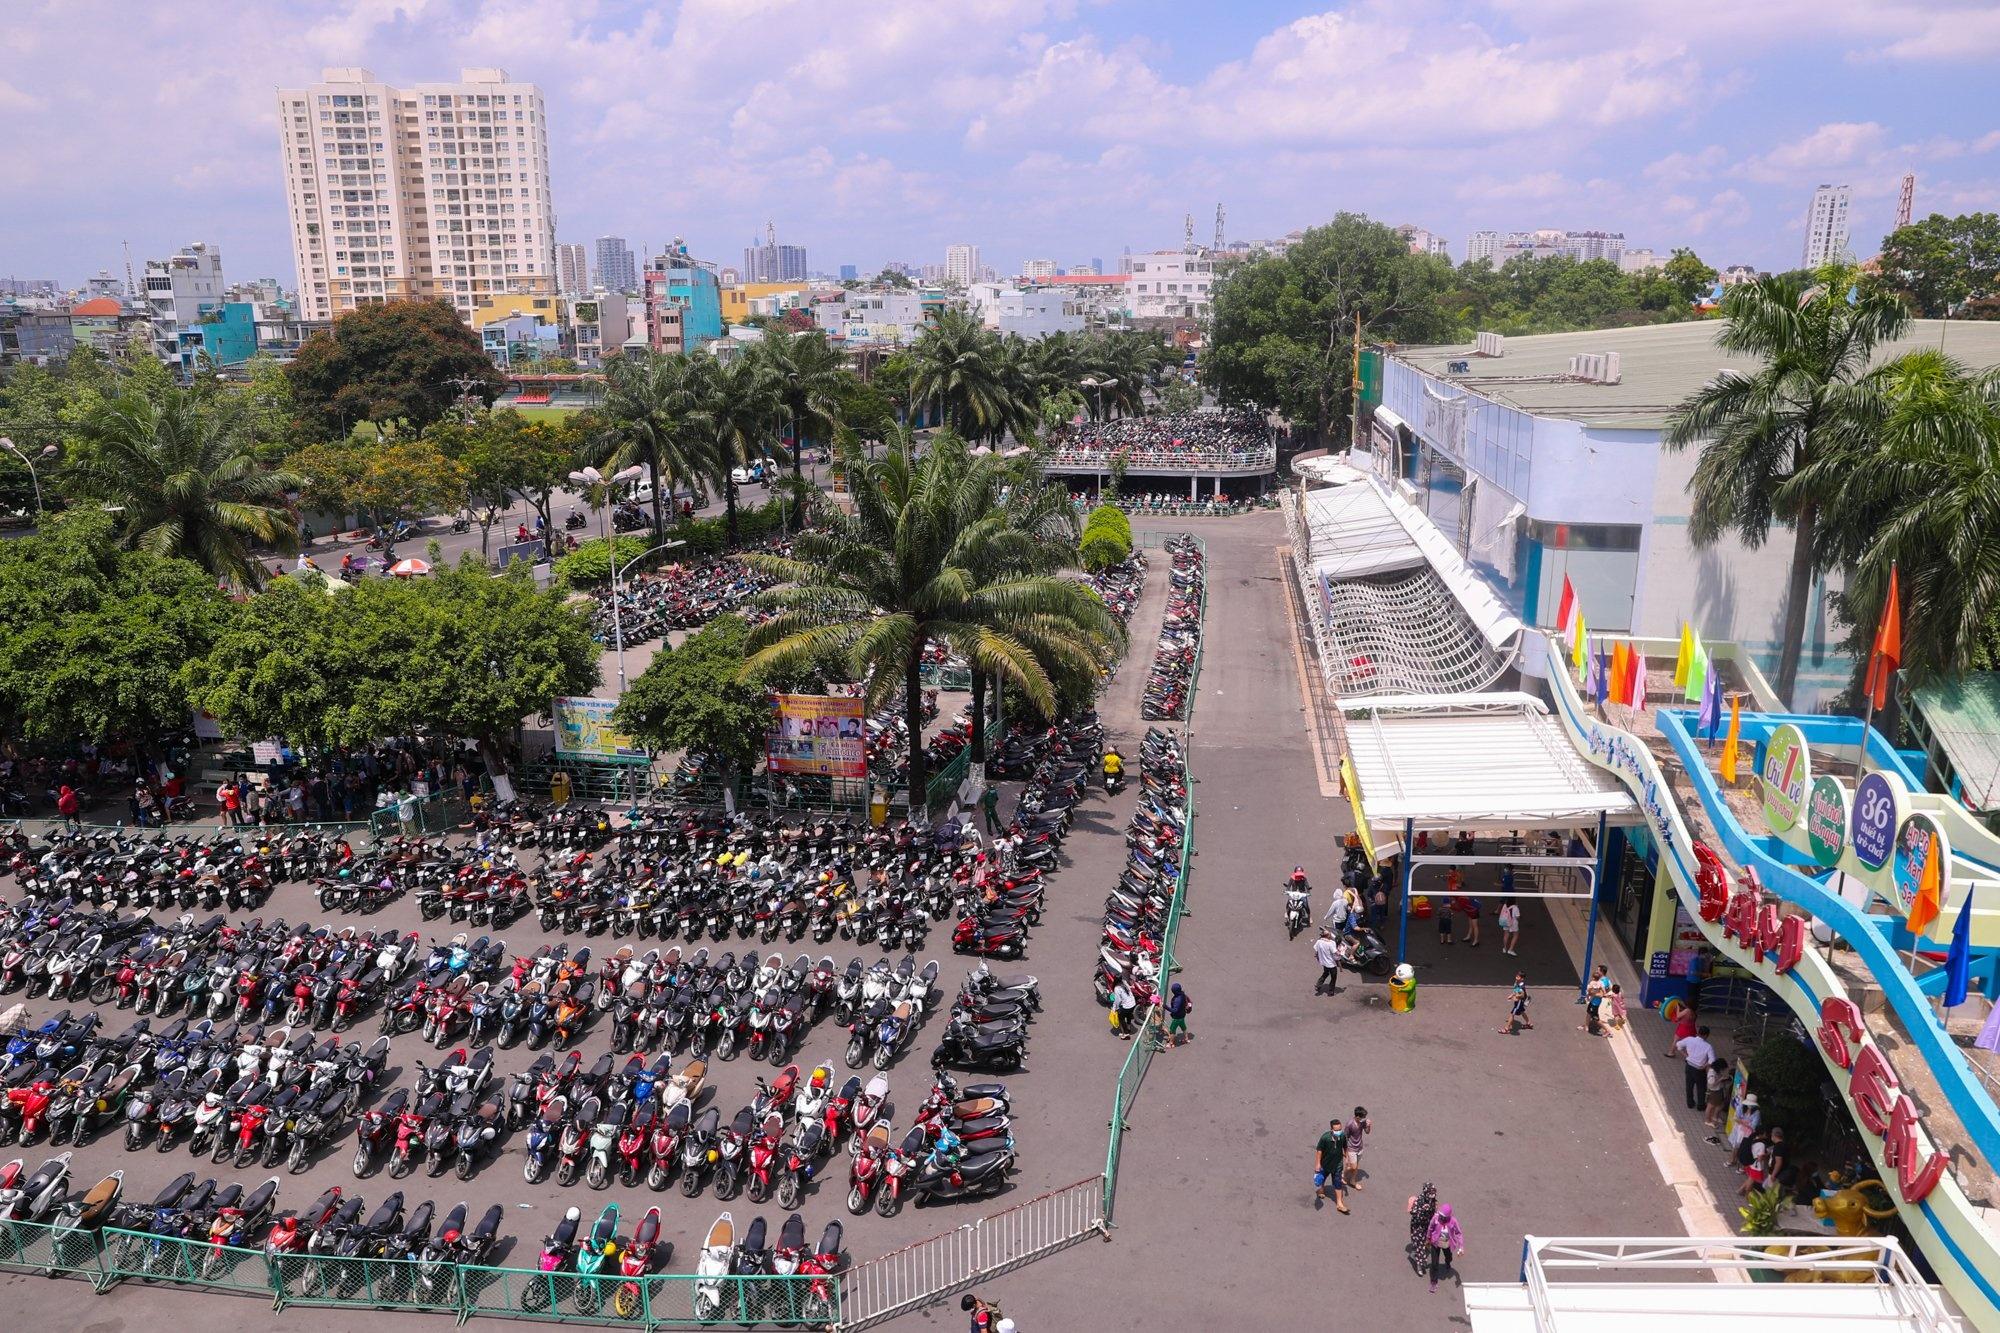 Hàng triệu người du lịch khắp cả nước 4 ngày nghỉ lễ - Ảnh 21.